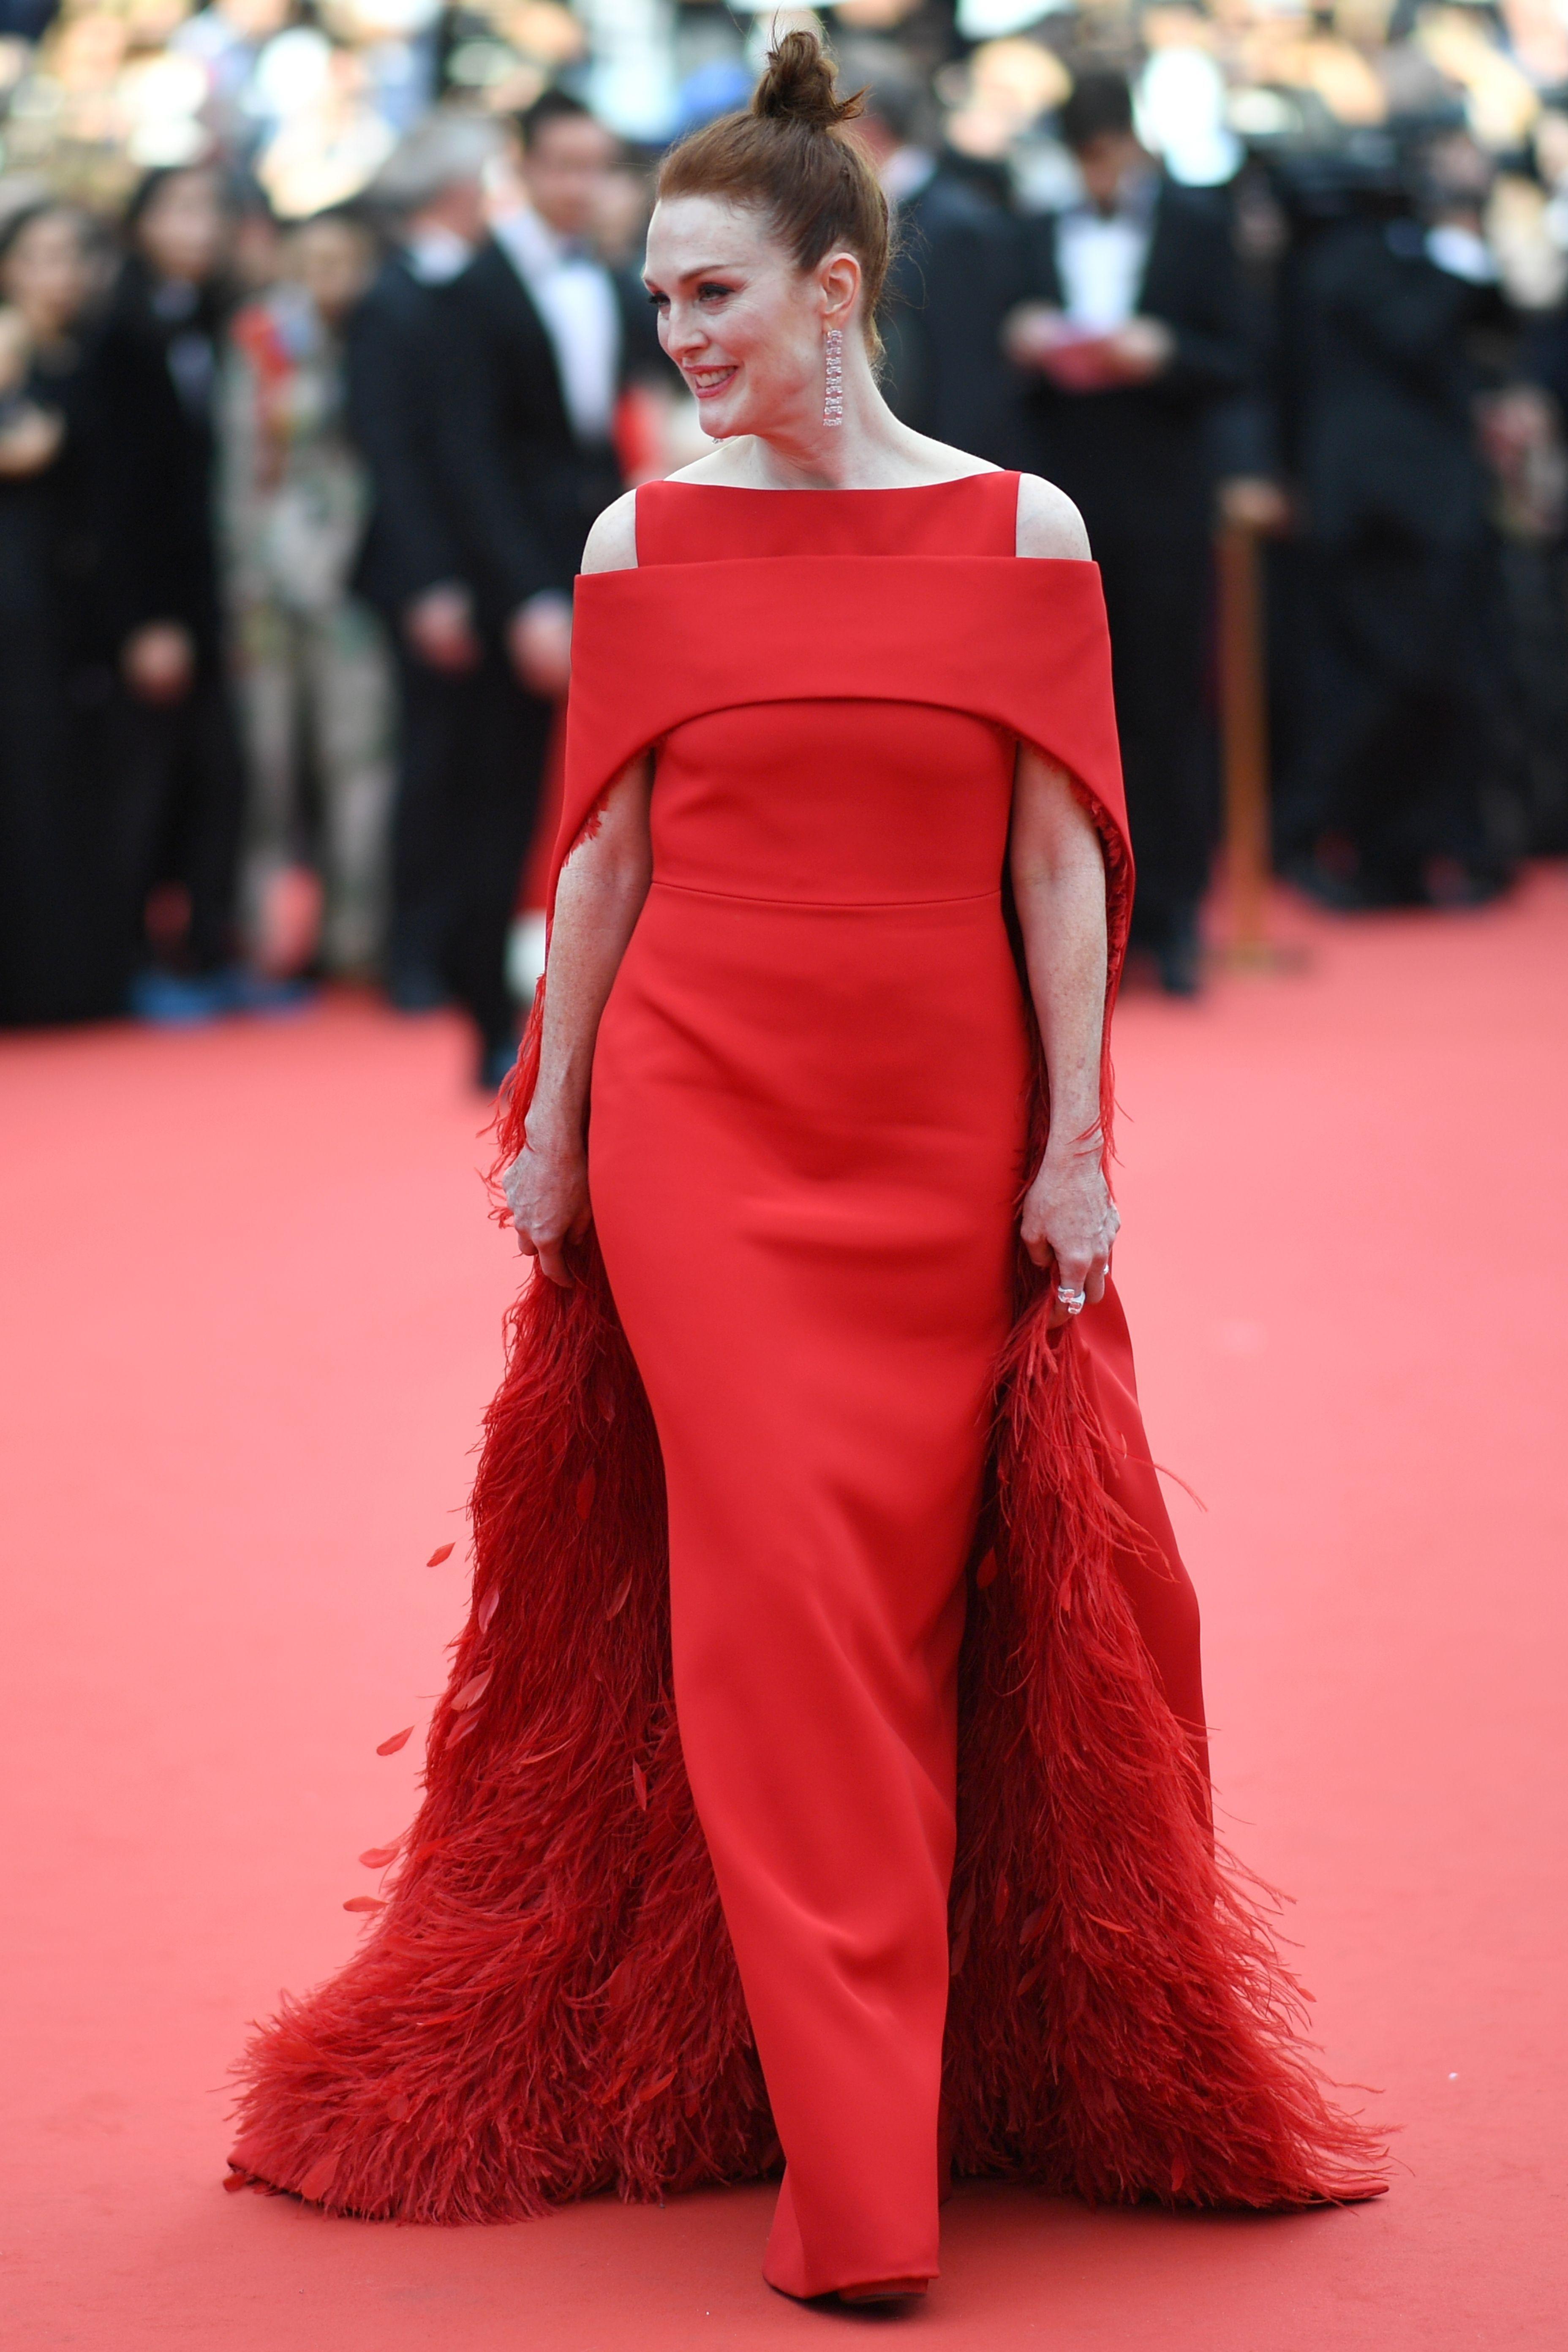 Abiti Da Sera Givenchy.Julianne Moore In Givenchy Couture Con Immagini Red Dress